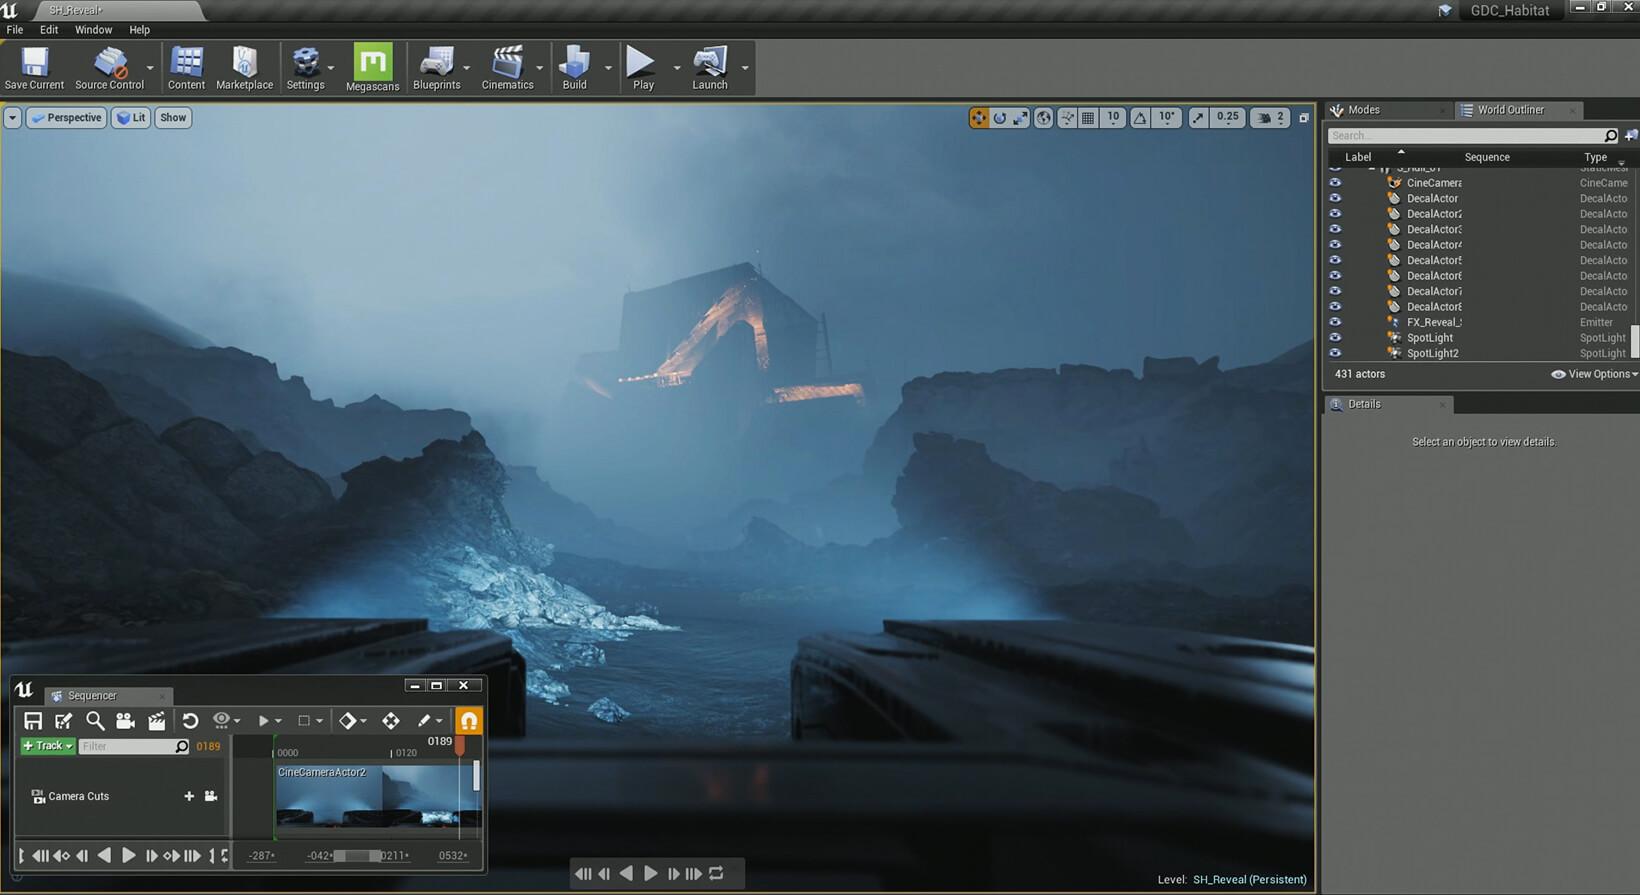 News_GameDevTrackBlog_Body_Image_1.jpg